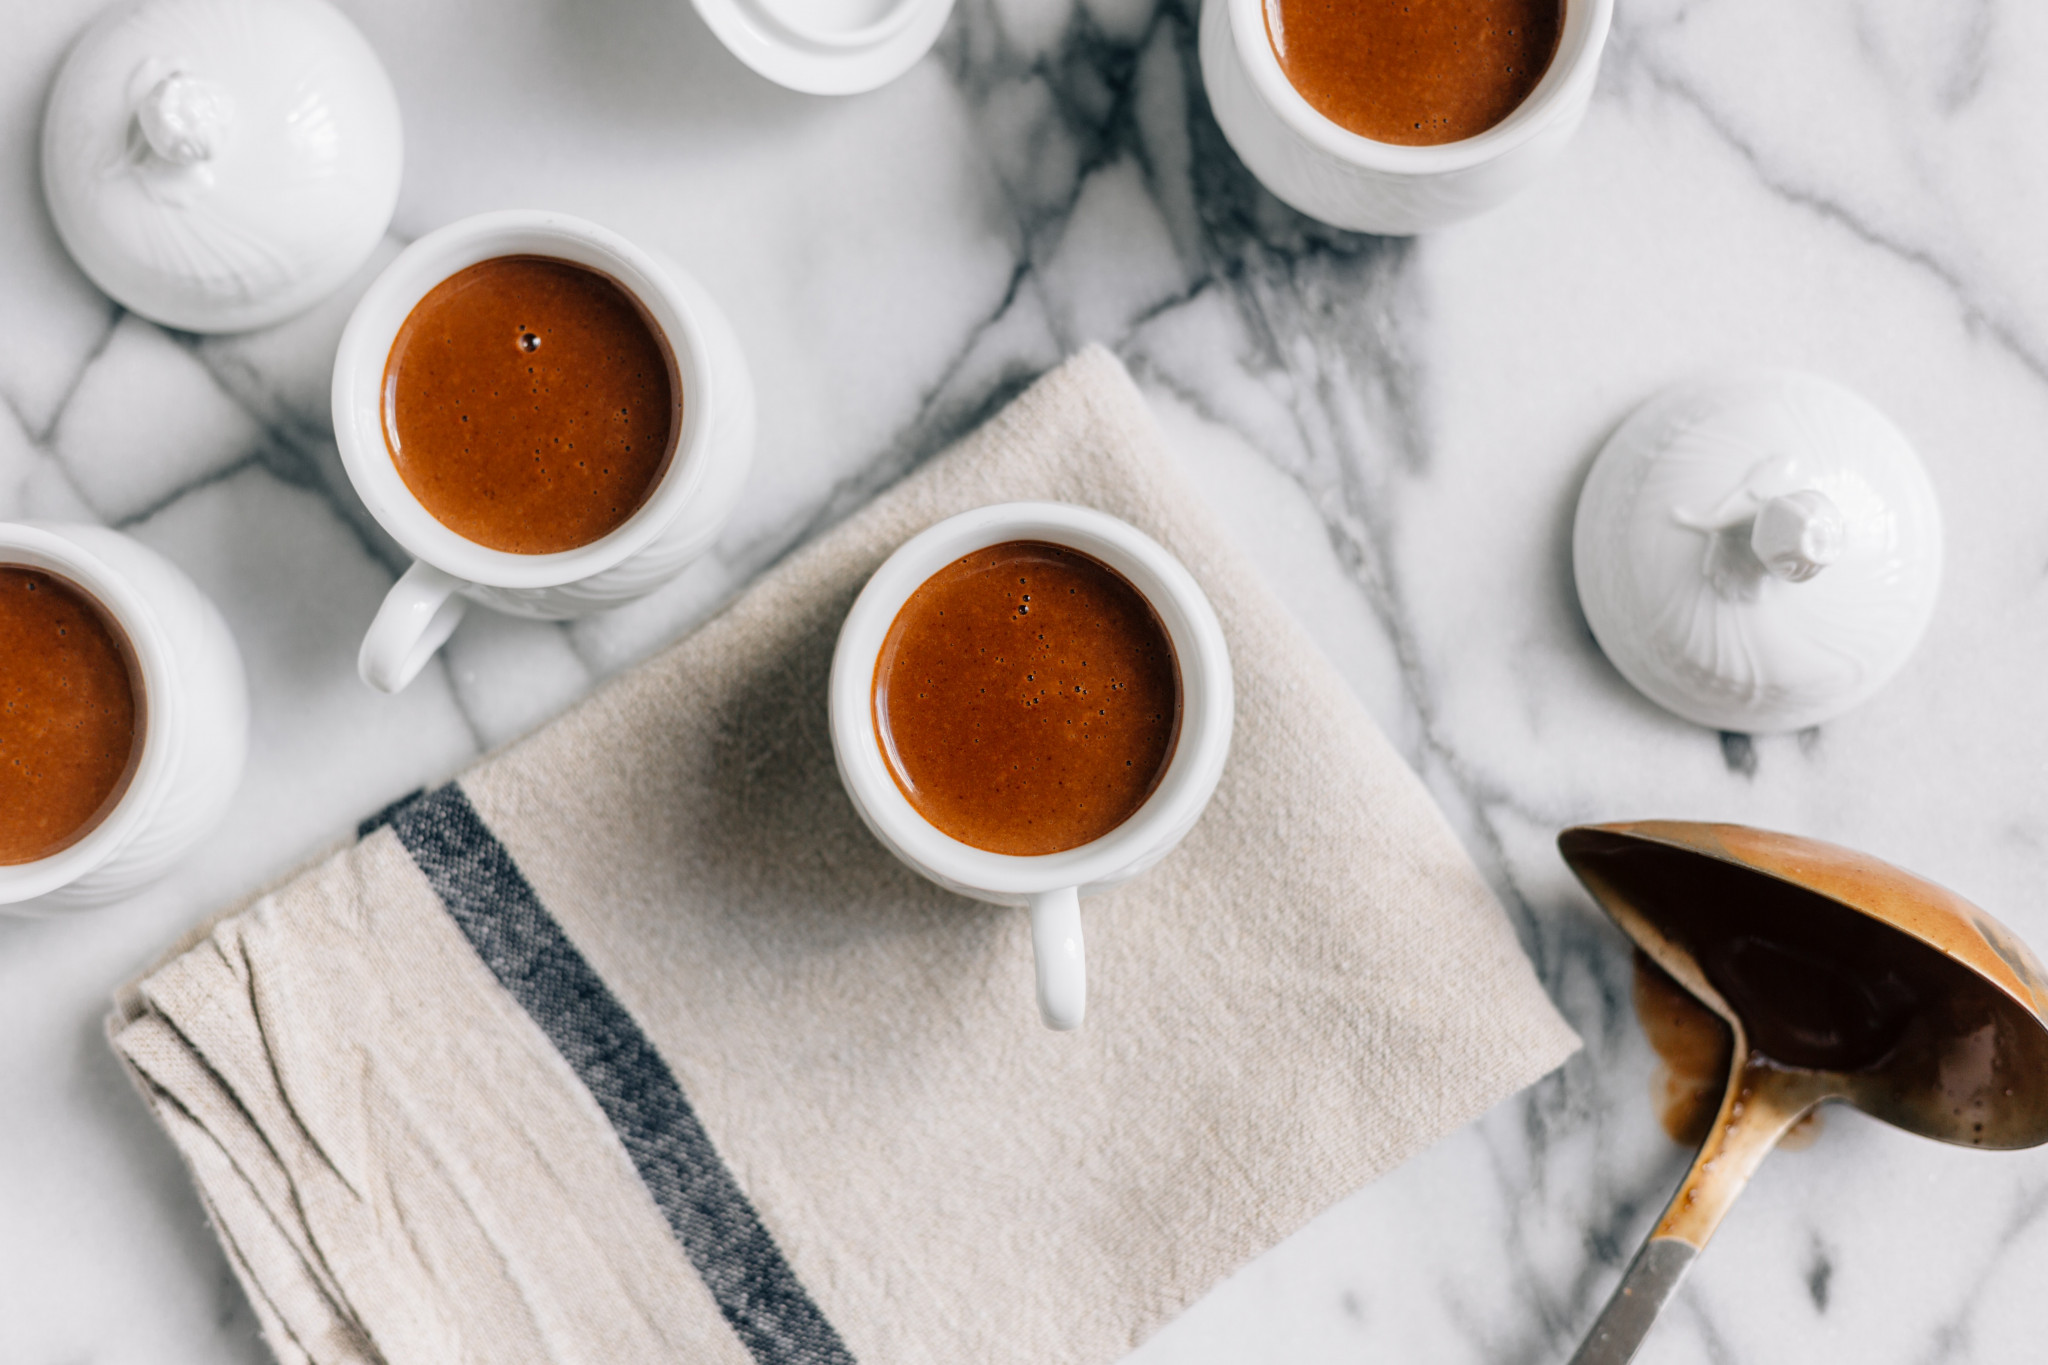 Recettes : 4 boissons chaudes pour un automne tout doux - 4